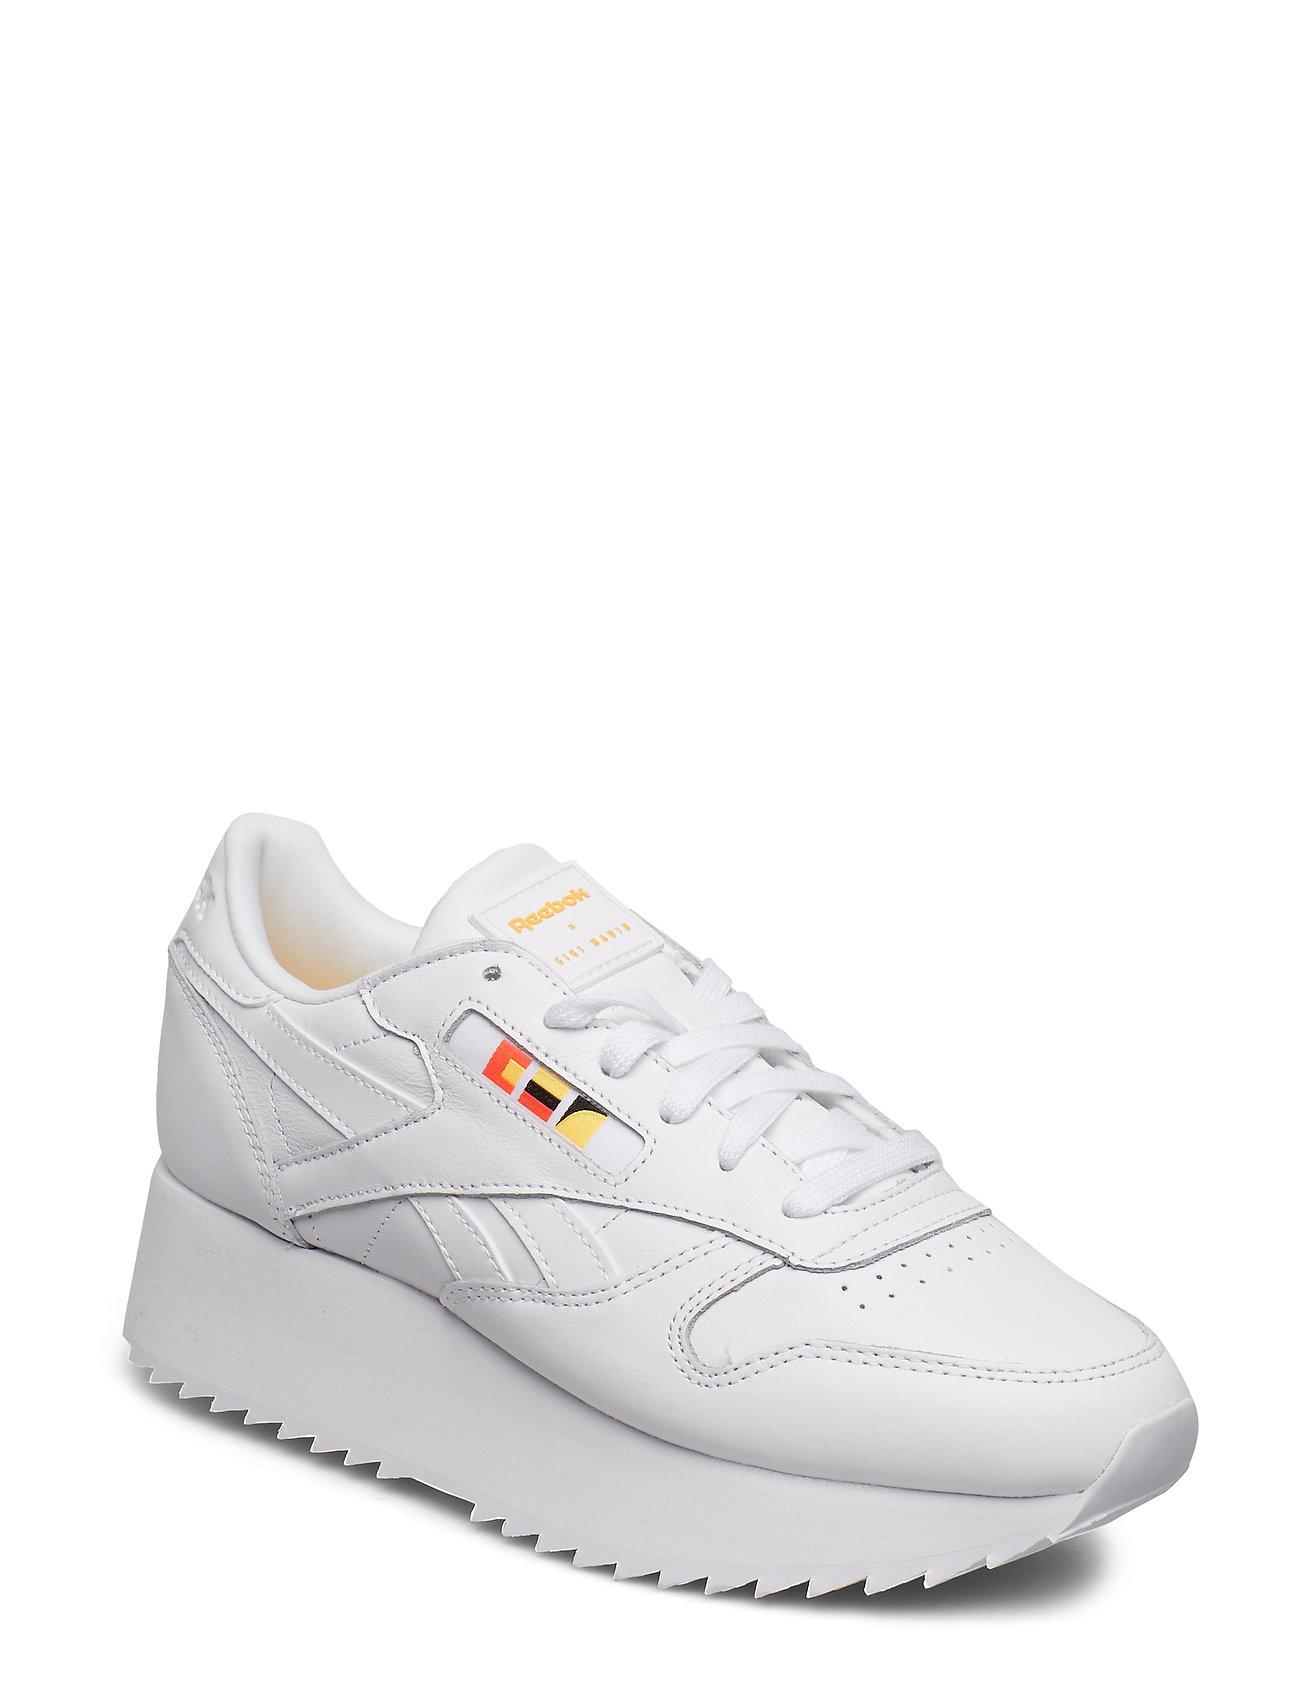 REEBOK Cl Lthr Double Niedrige Sneaker Weiß REEBOK CLASSICS